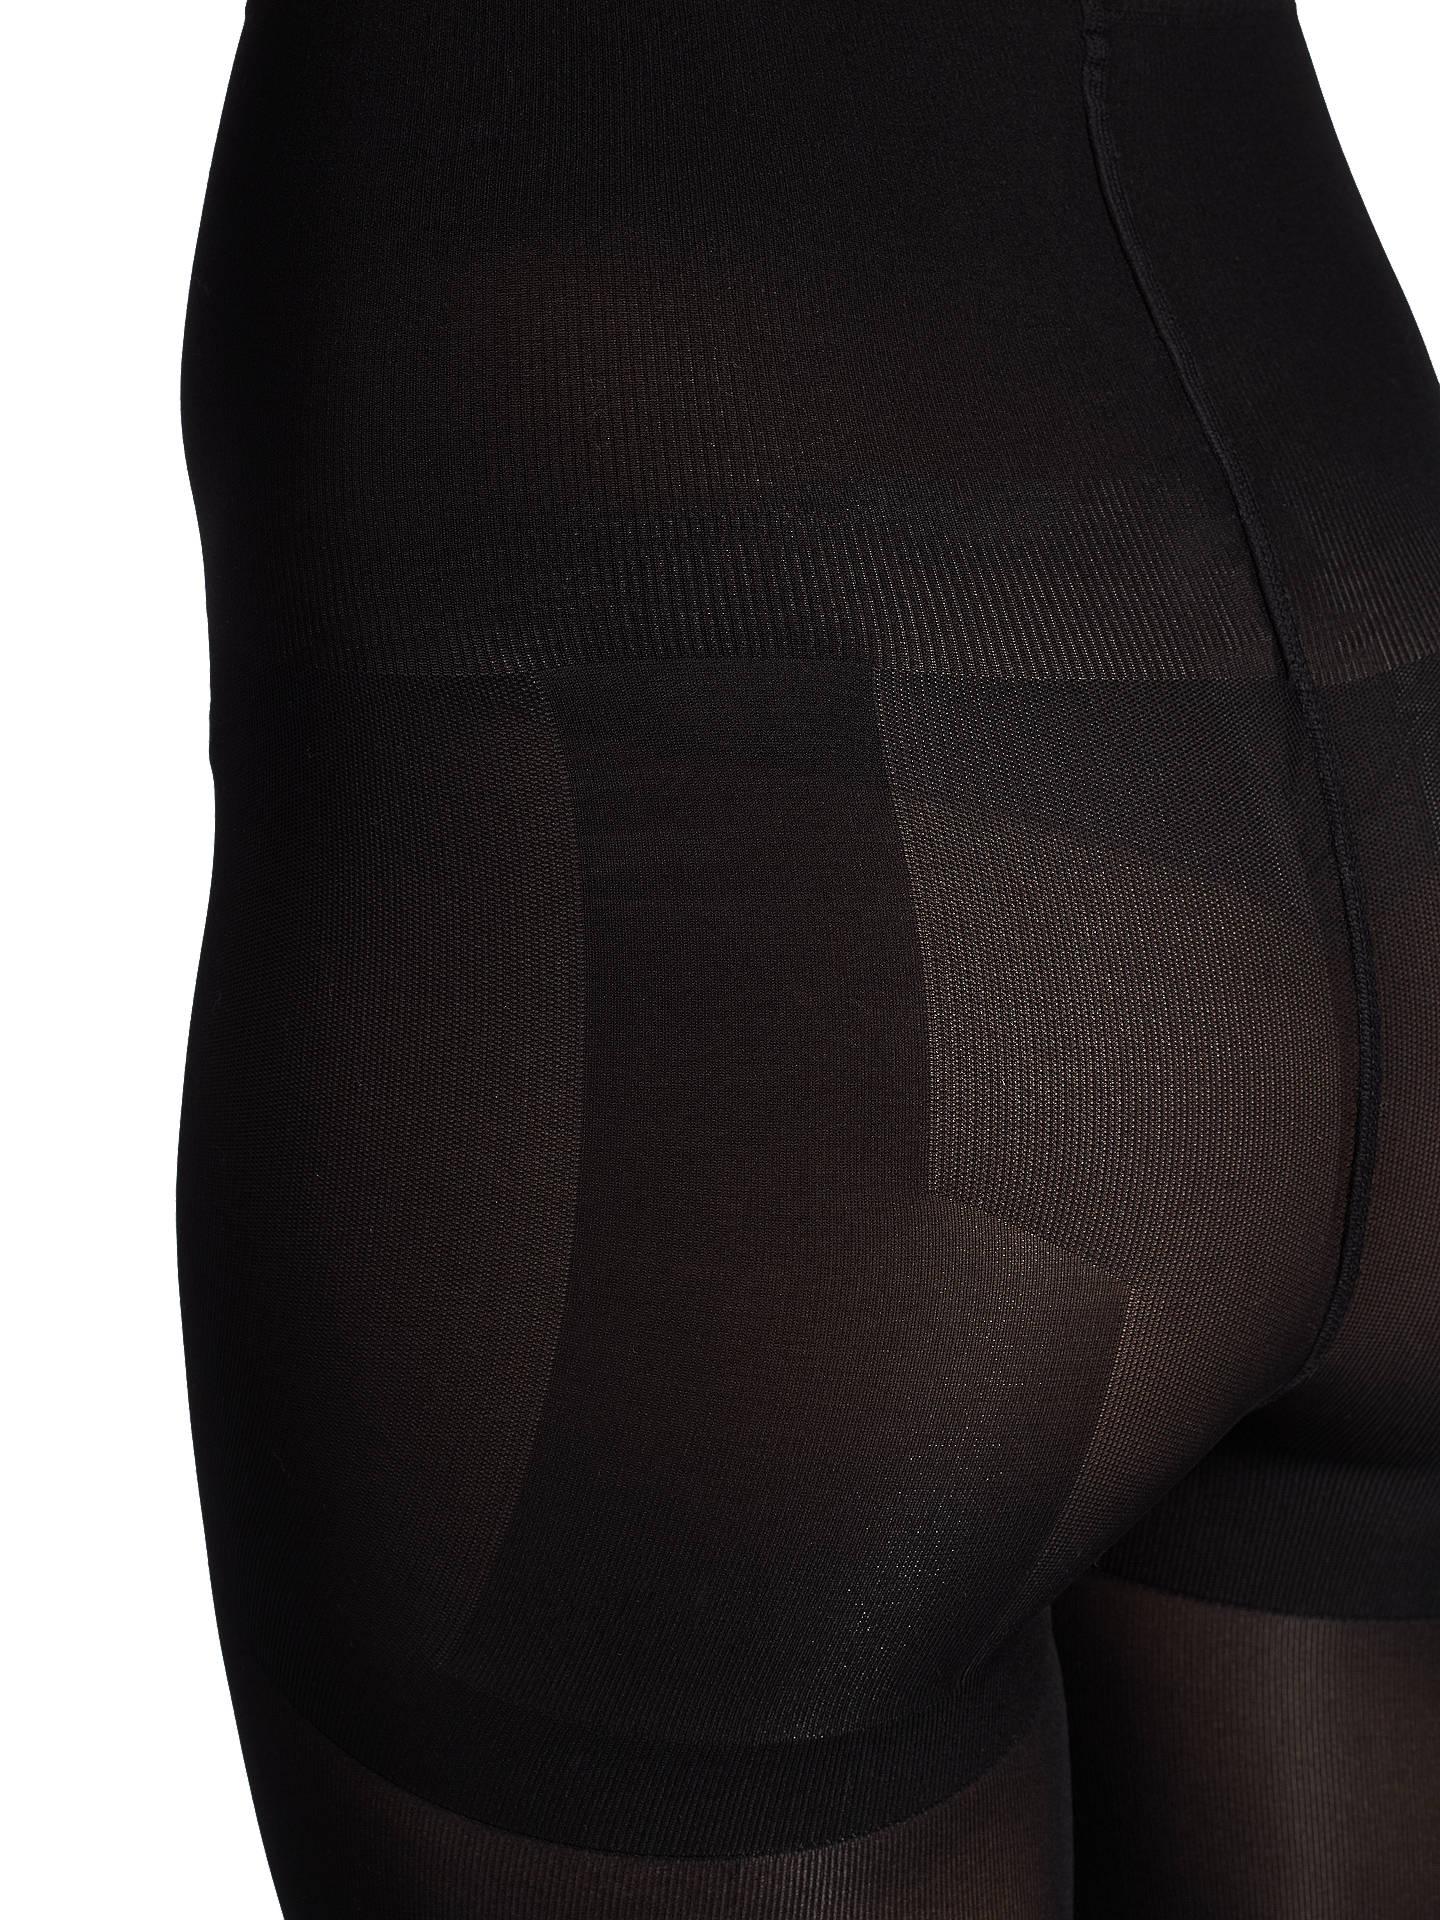 96f93398e ... Buy John Lewis   Partners 60 Denier Super Bodyshaper Velvet Touch  Opaque Tights